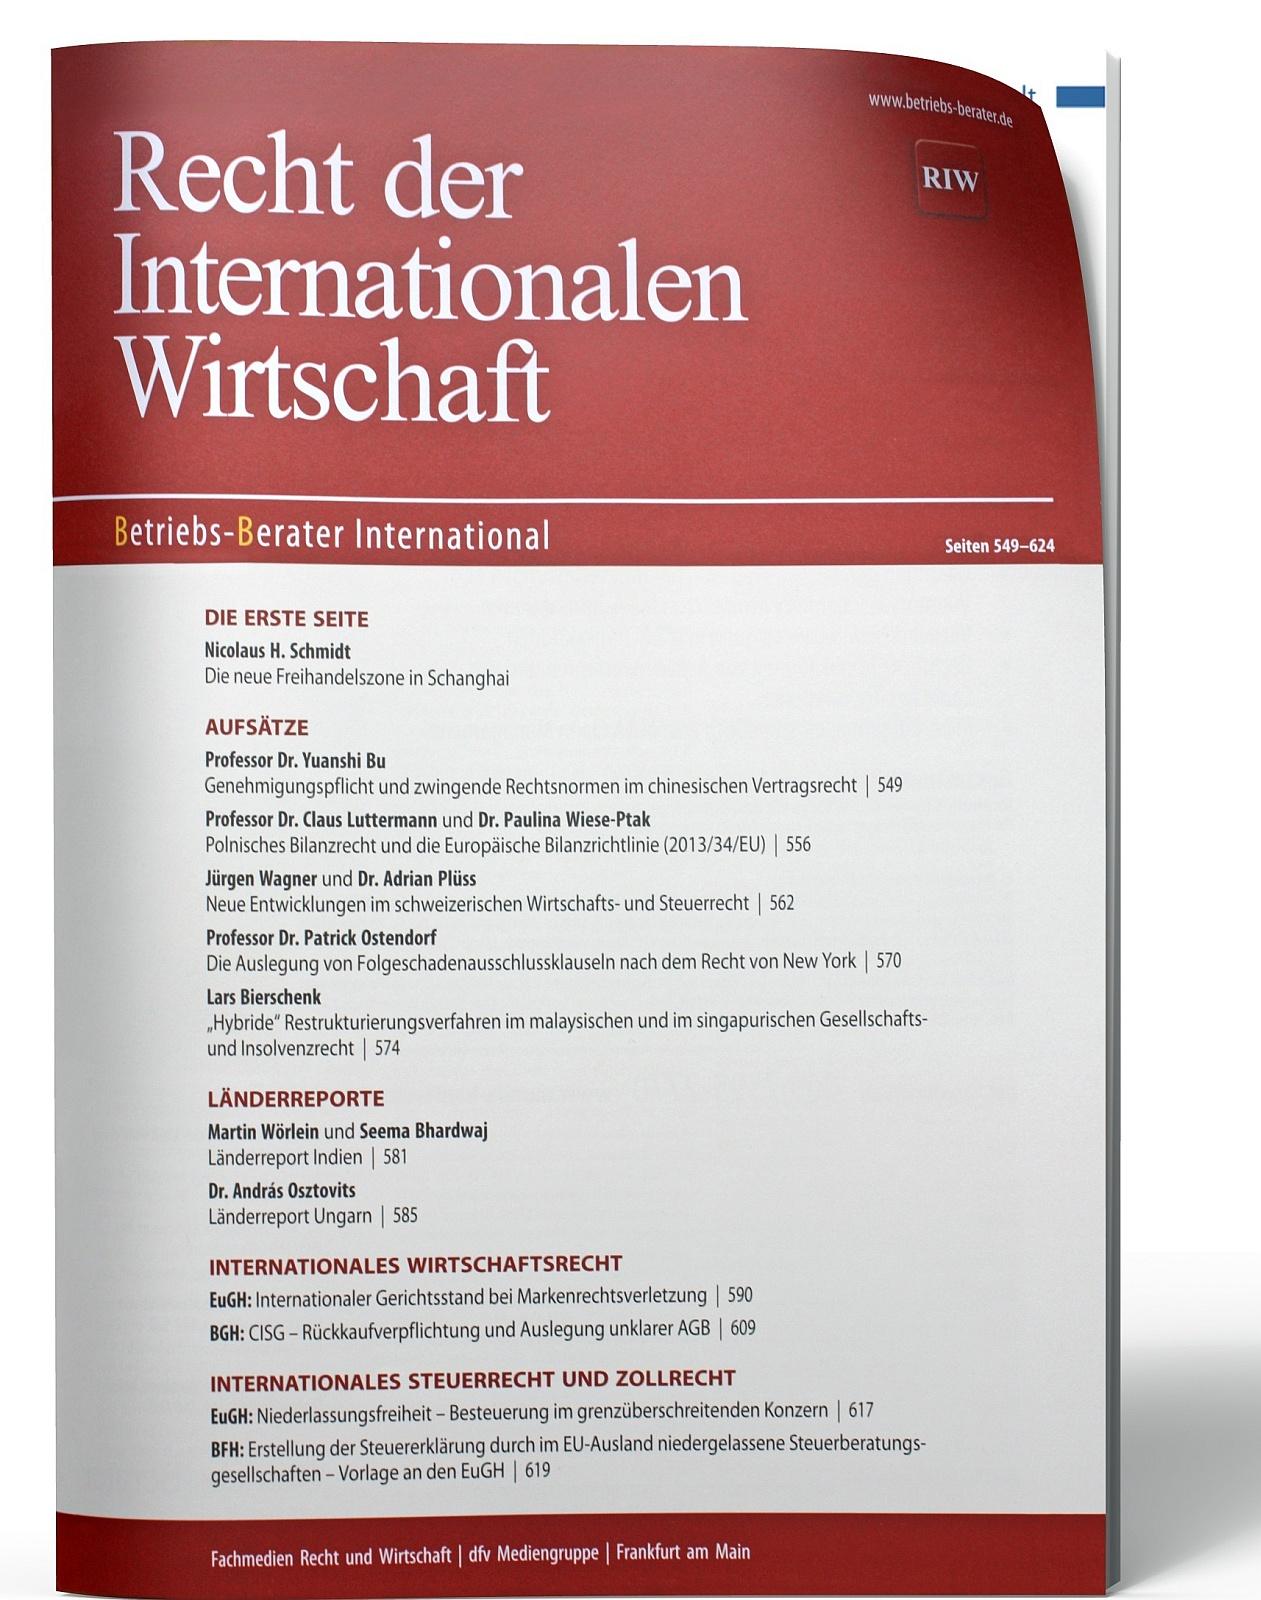 RIW Recht der internationalen Wirtschaft